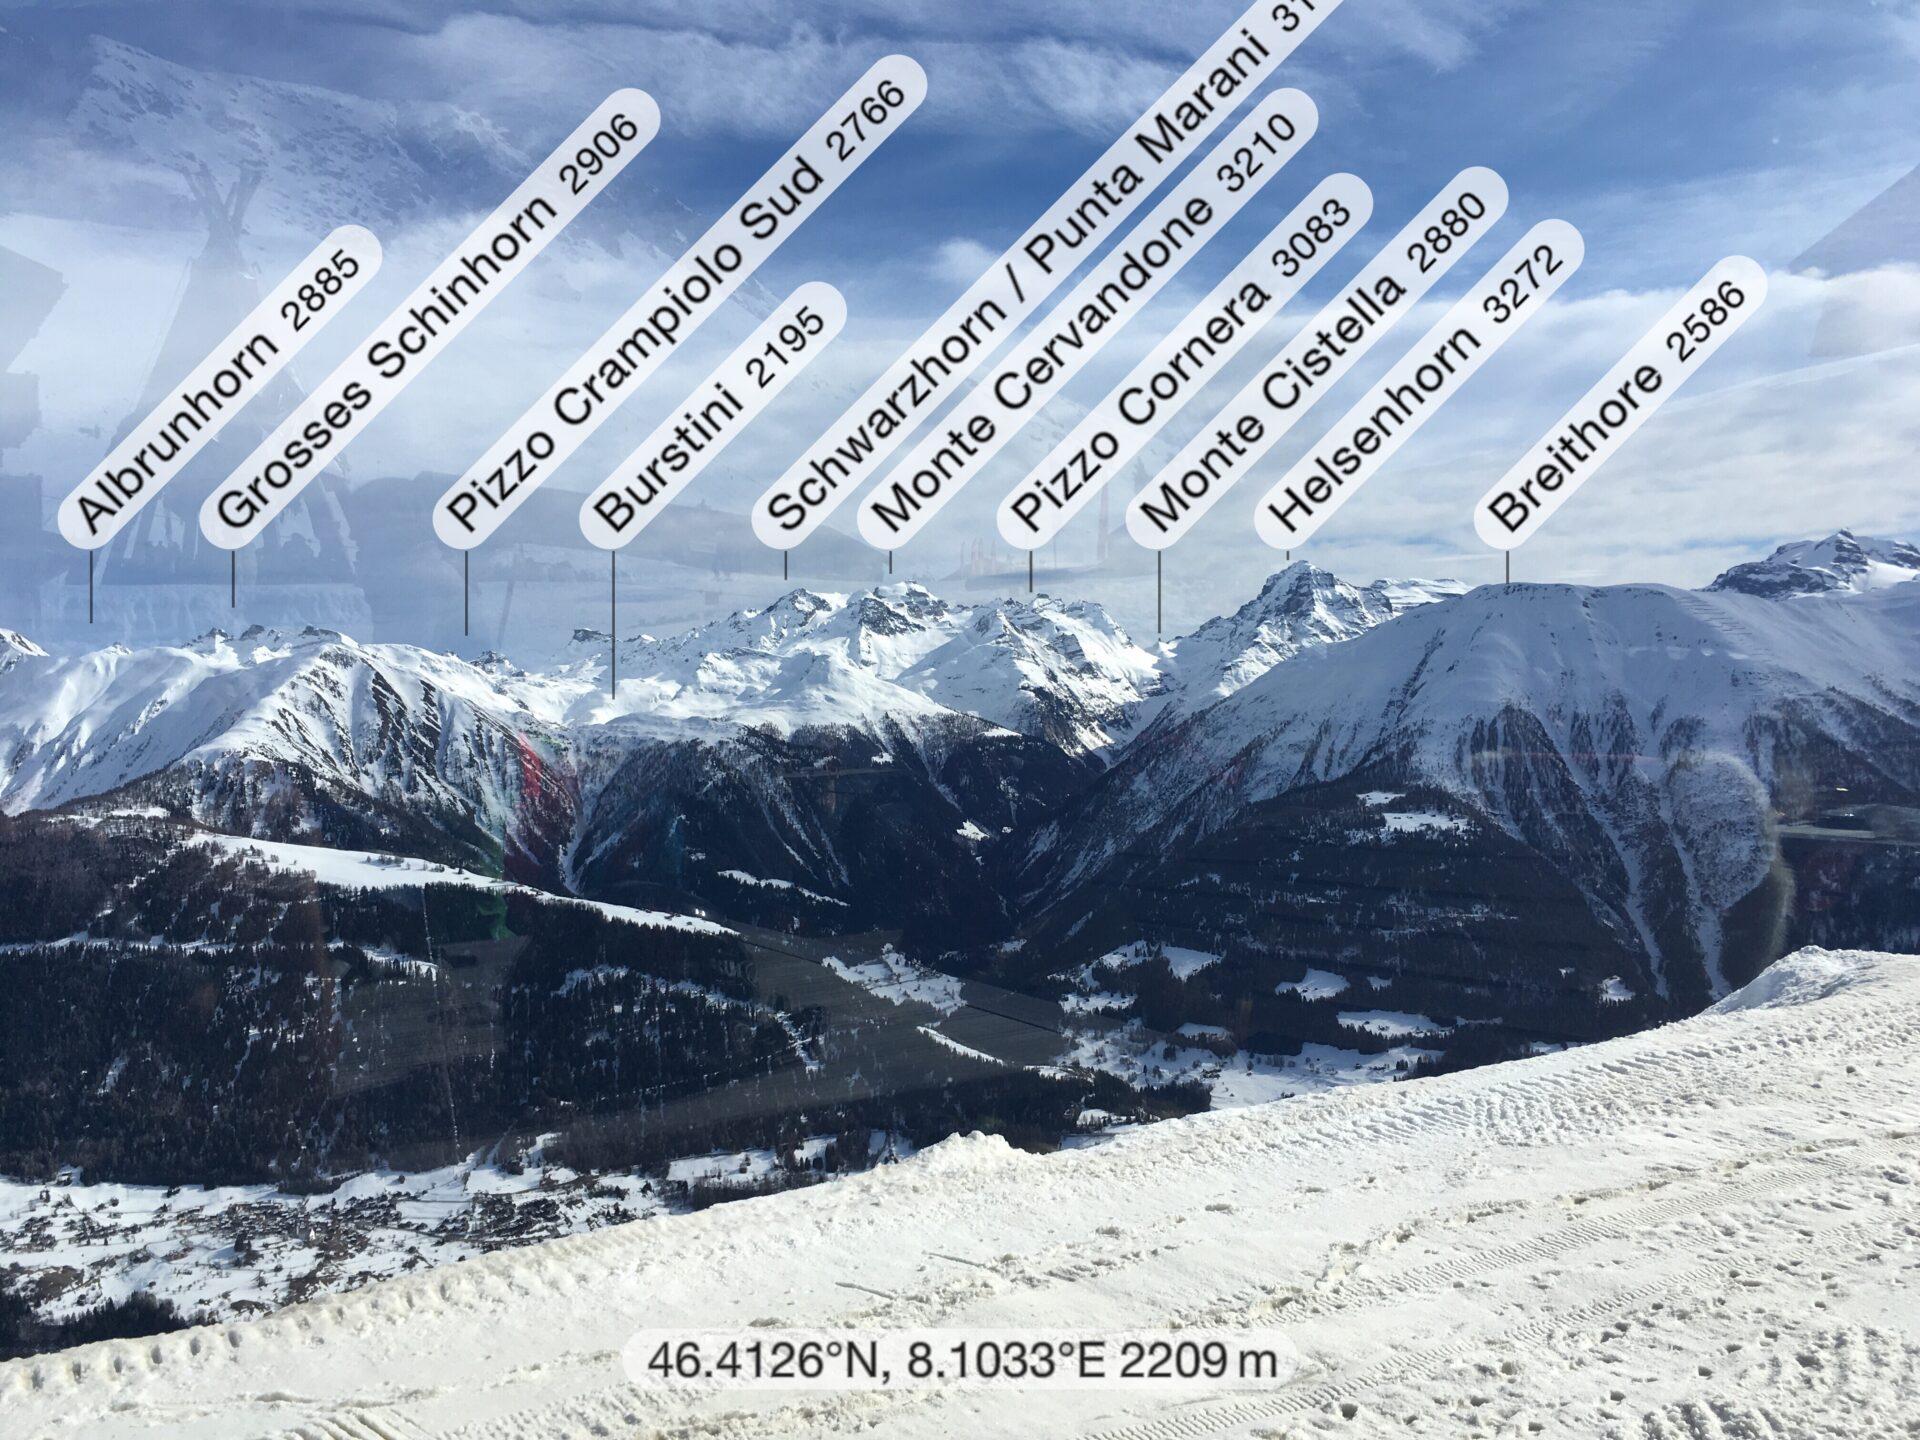 Aussicht auf die Berge in der Umgebung